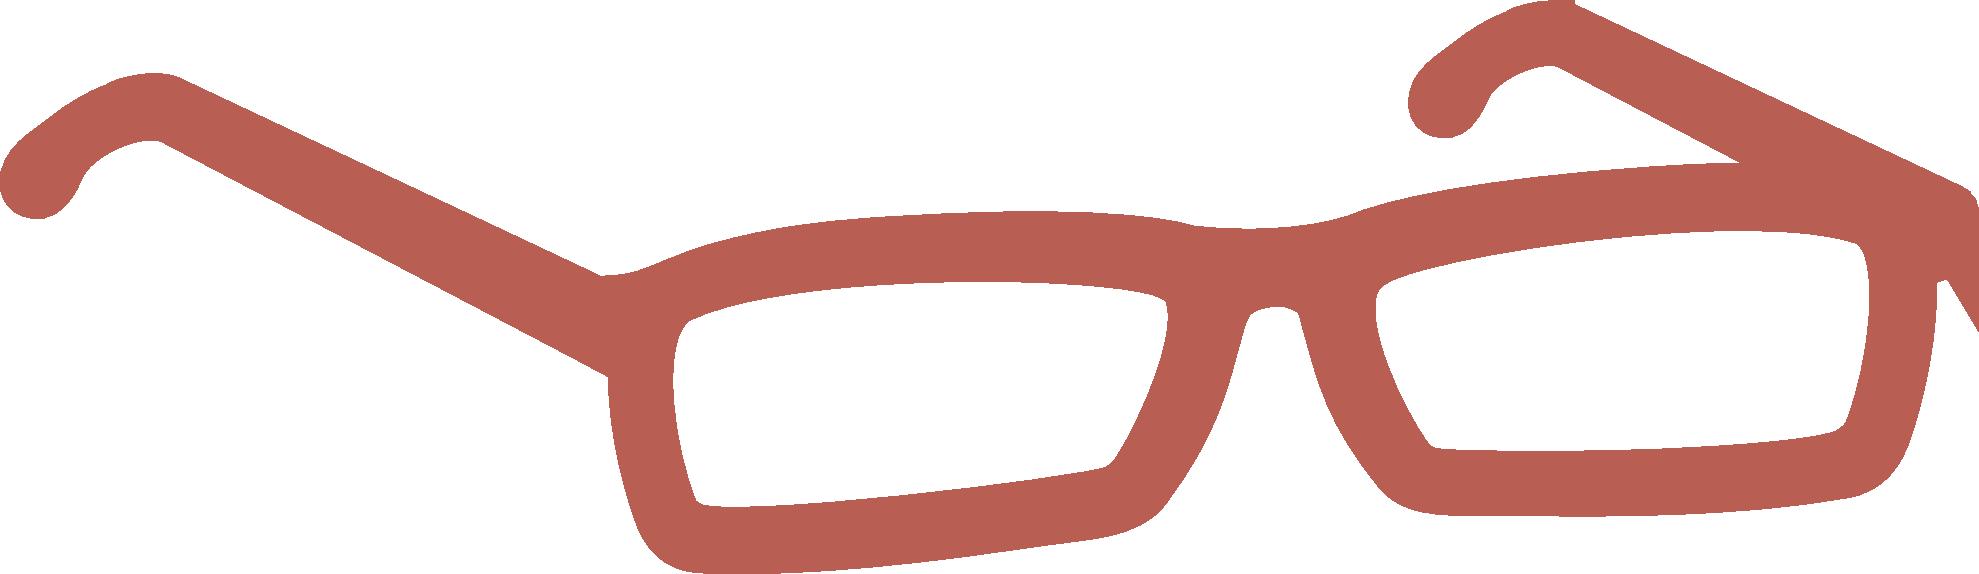 Glasses clipart 3